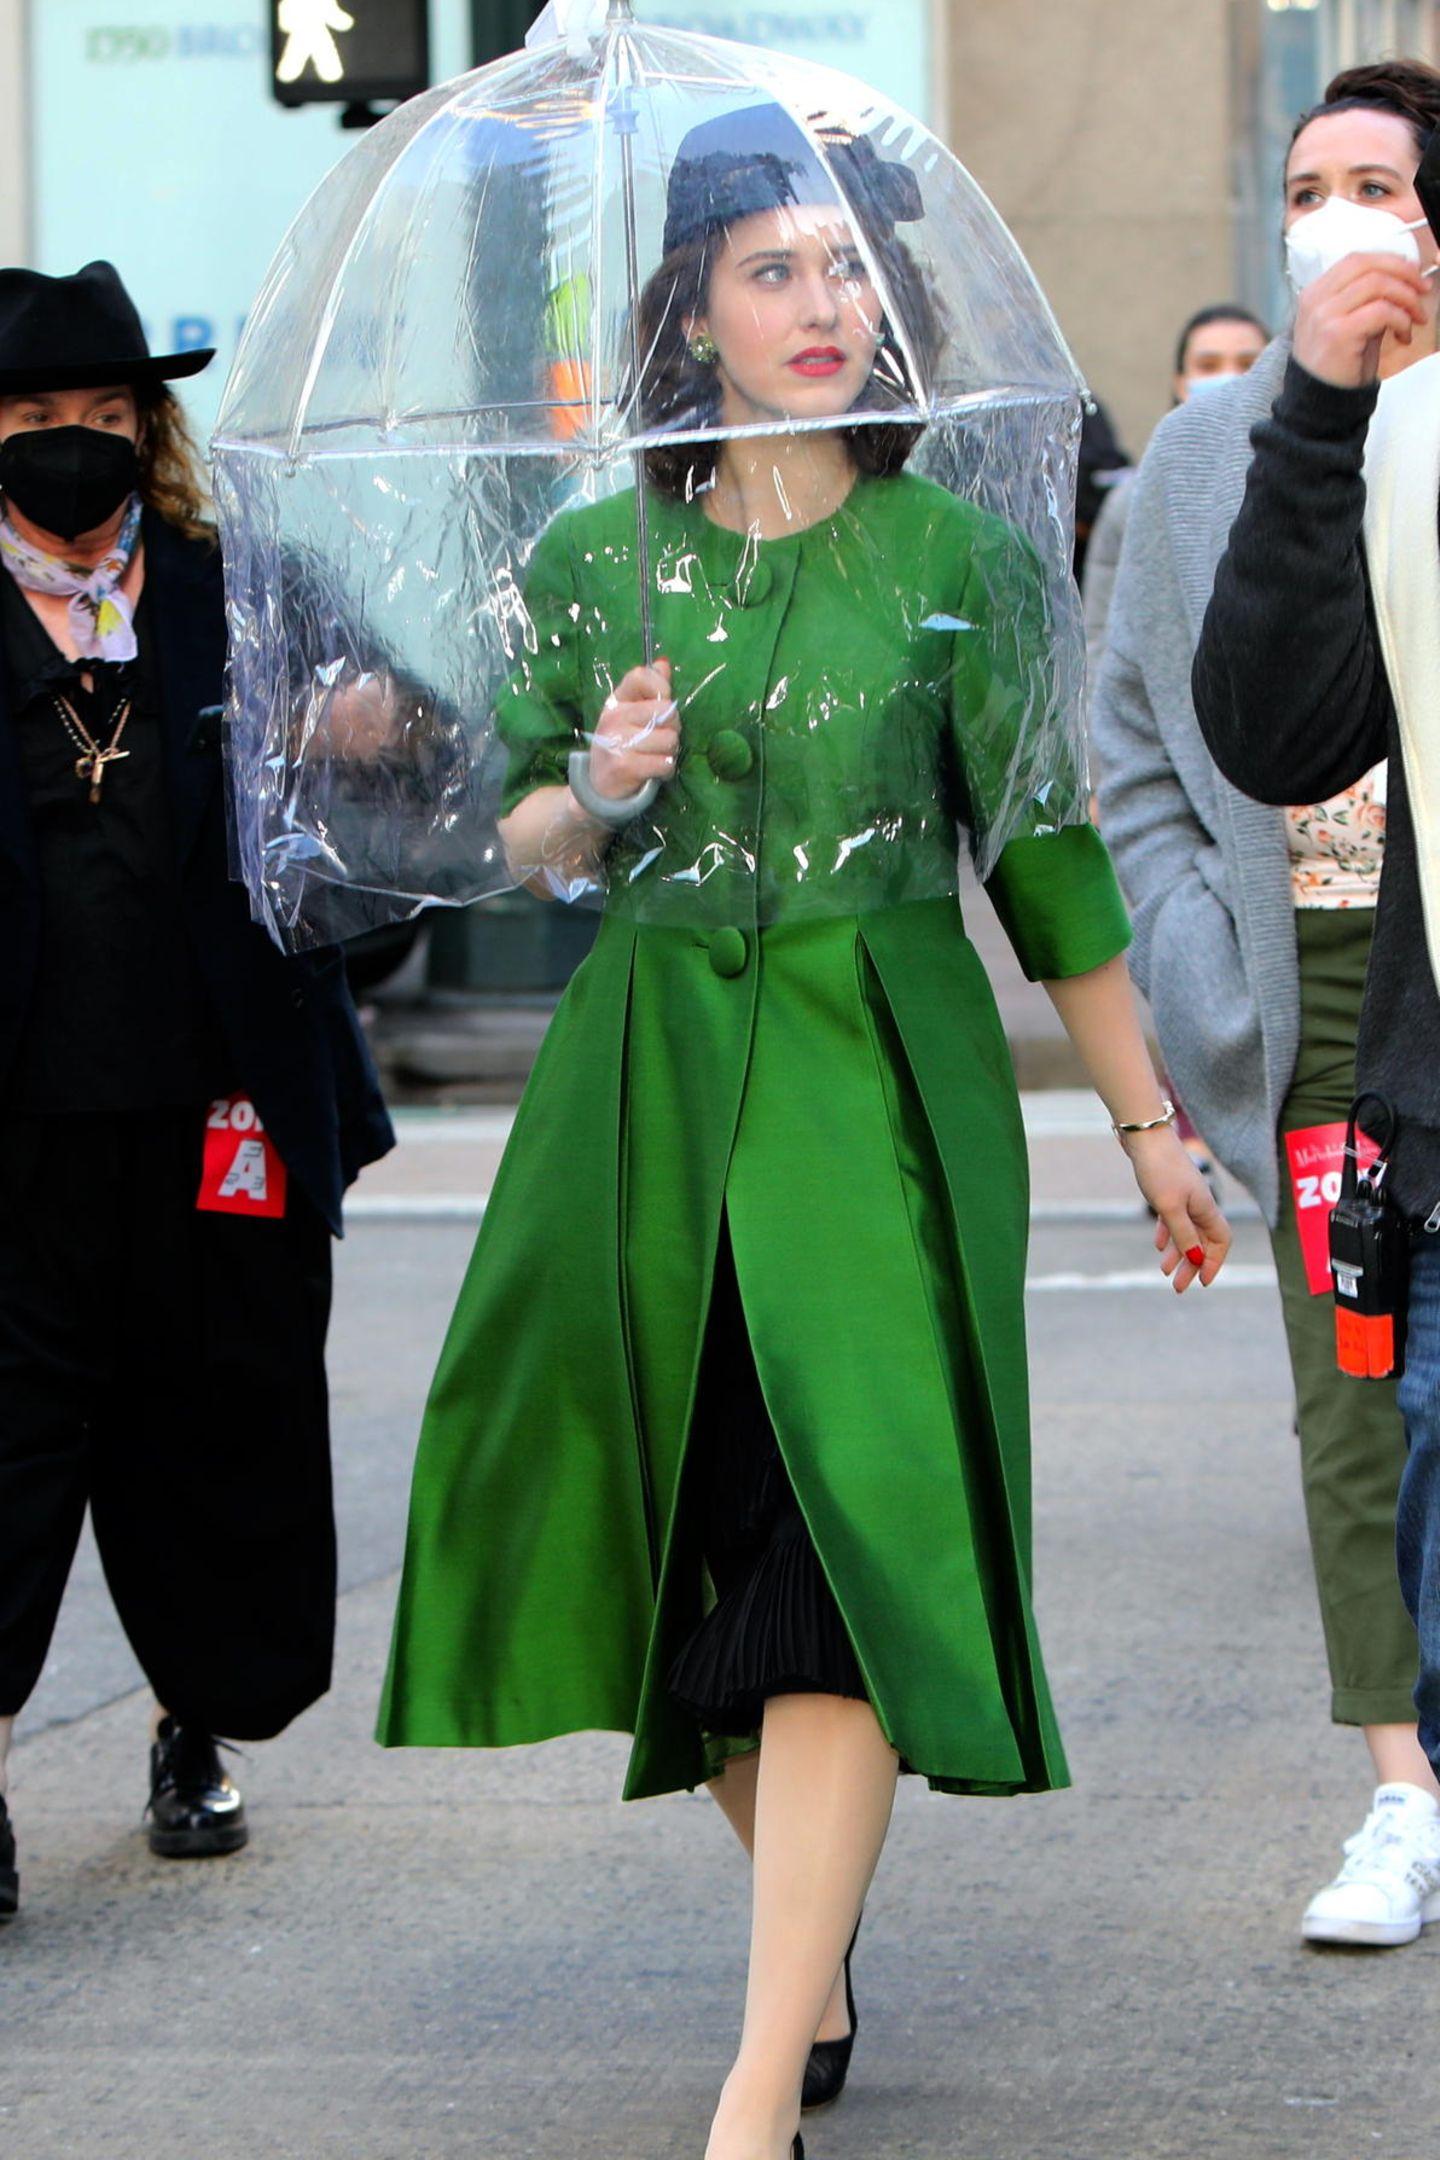 """Seit 2017 begeistert uns Rachel Brosnahan als """"Marvelous Mrs. Maisel"""" mit ihren tollen Looks, schlagfertigen Sprüchen und ihrer positiven Art. Endlich haben die Dreharbeiten zur vierten Staffel begonnen und die ersten Bilder machenjetzt schon Lust auf die neuen Folgen. Der erste Look in Smaragdgrün zeigt gleich zwei Style-Klassiker der Serie: Mantel mit ausgestelltem Schoß undHut."""